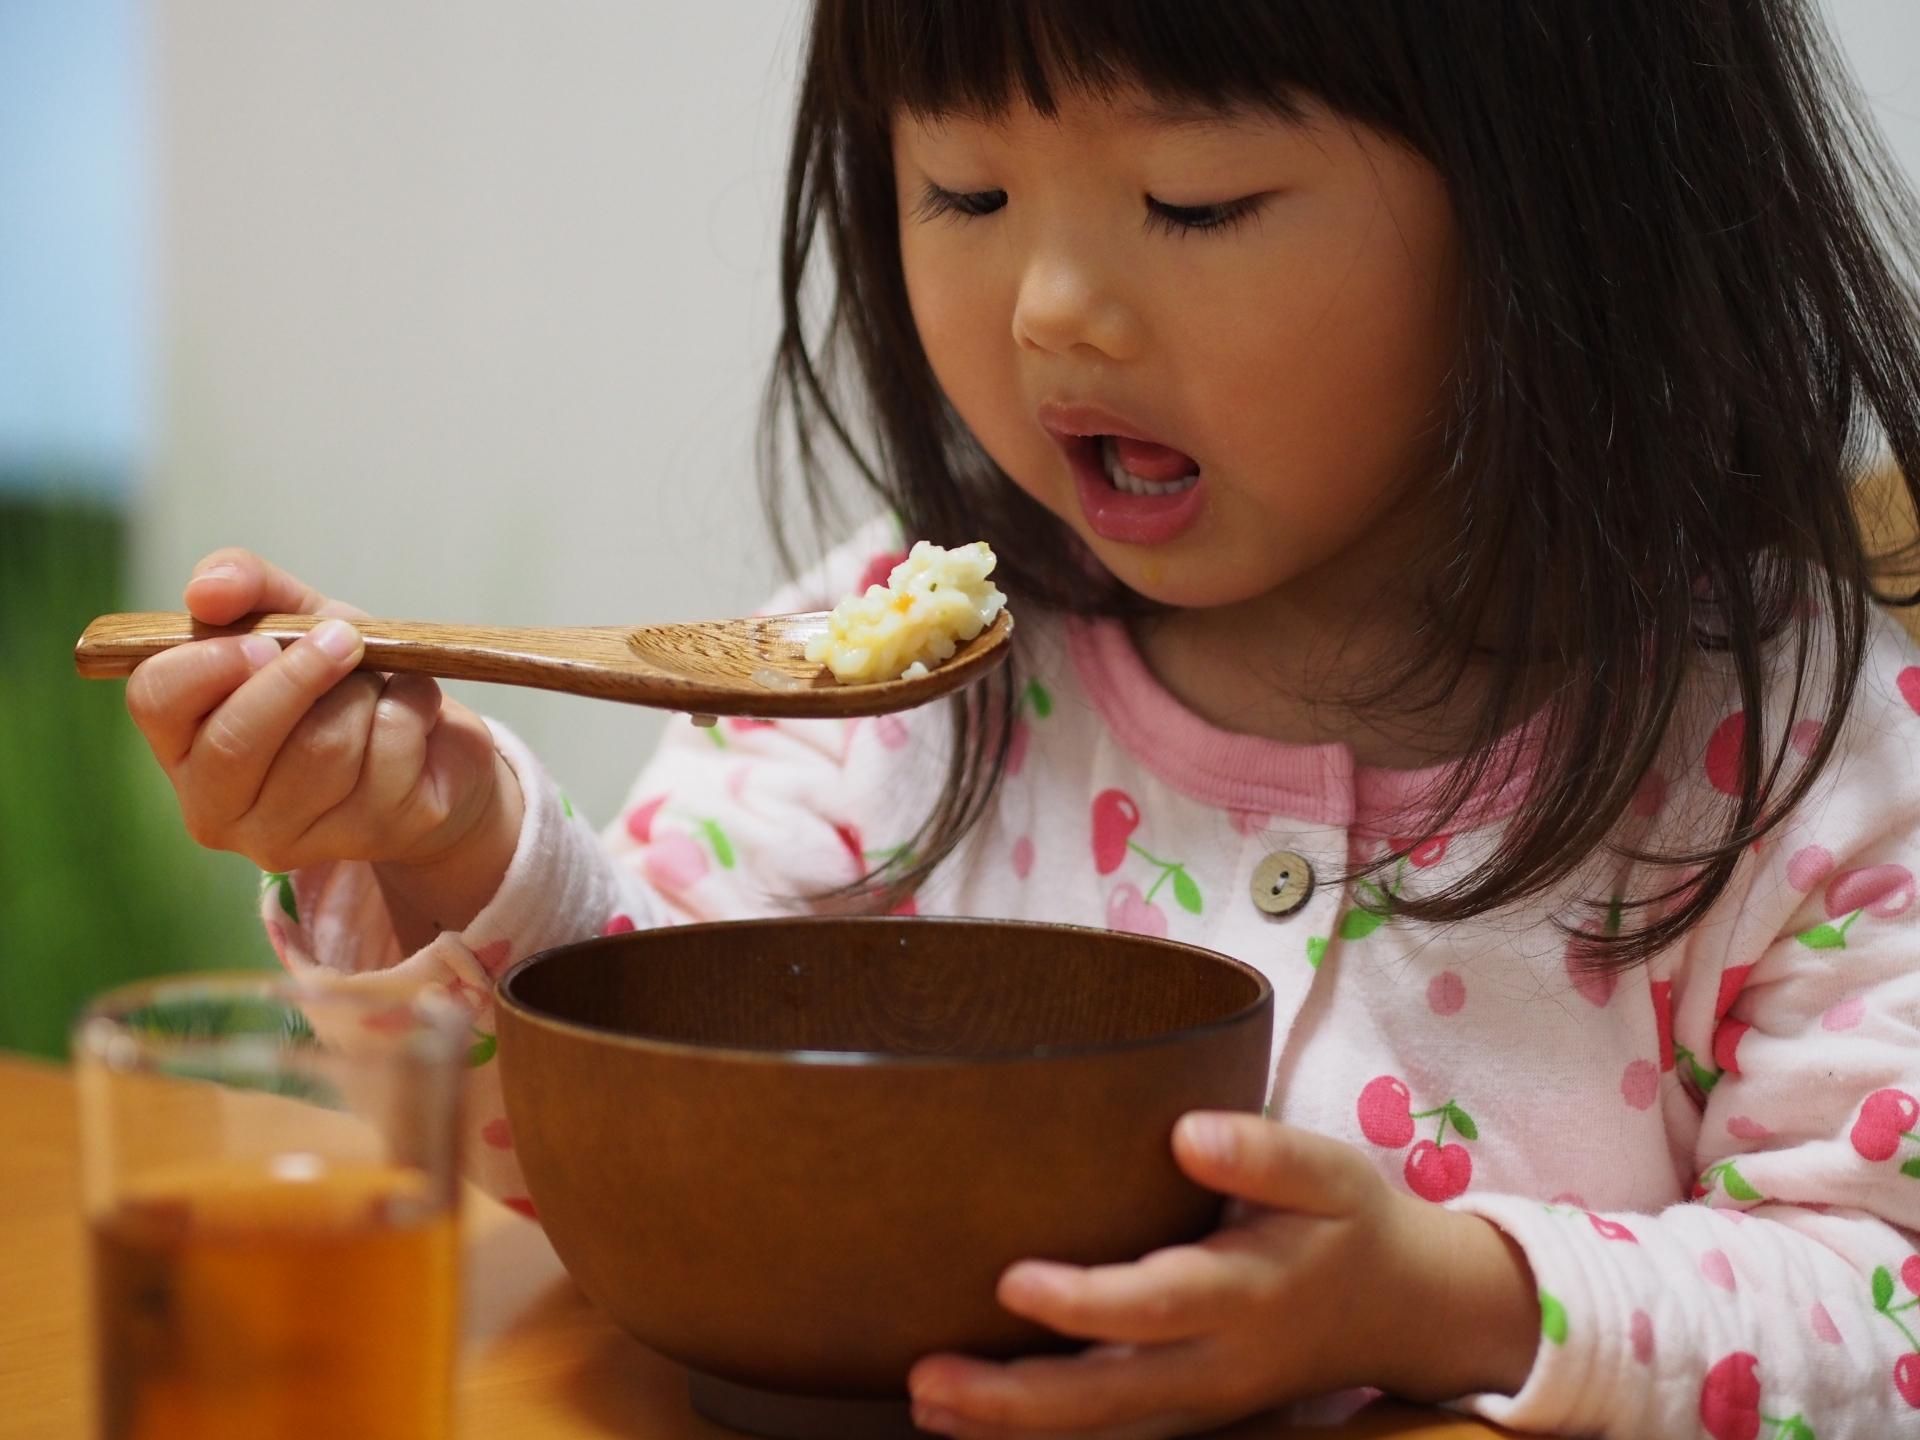 夕飯を食べる女の子